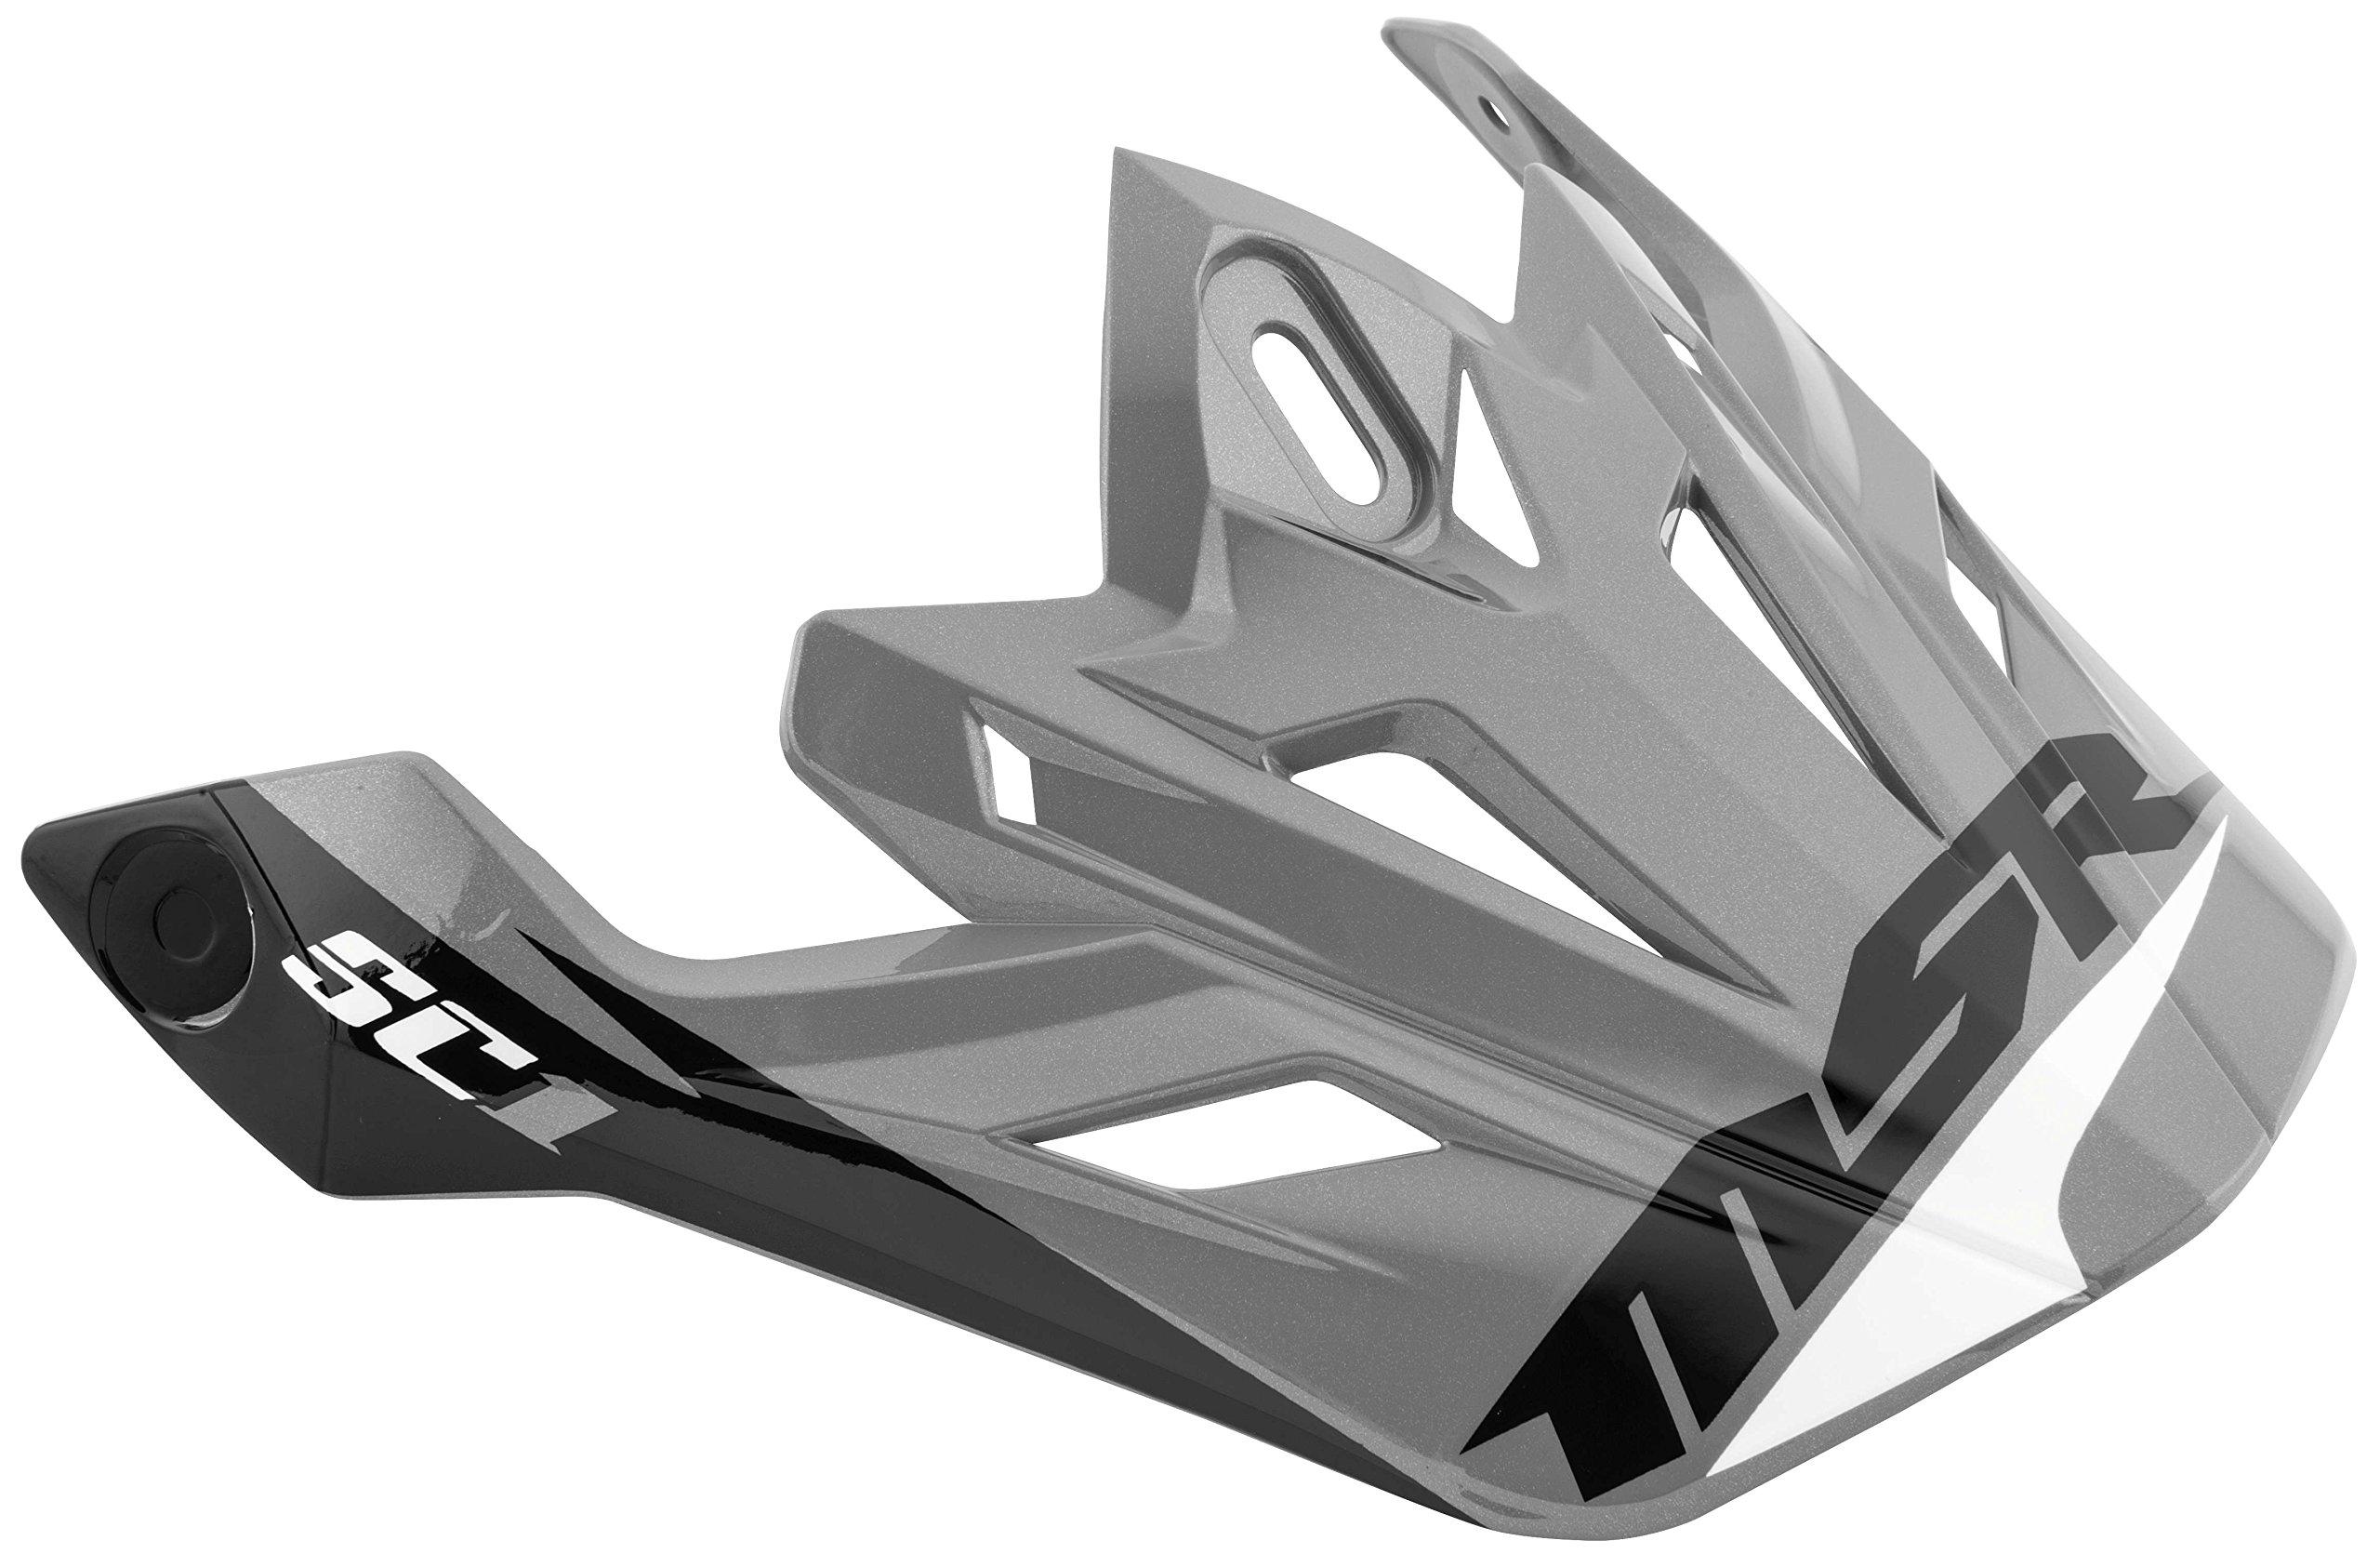 MSR Visor for SC1 Helmet - White/Black/Silver 359850